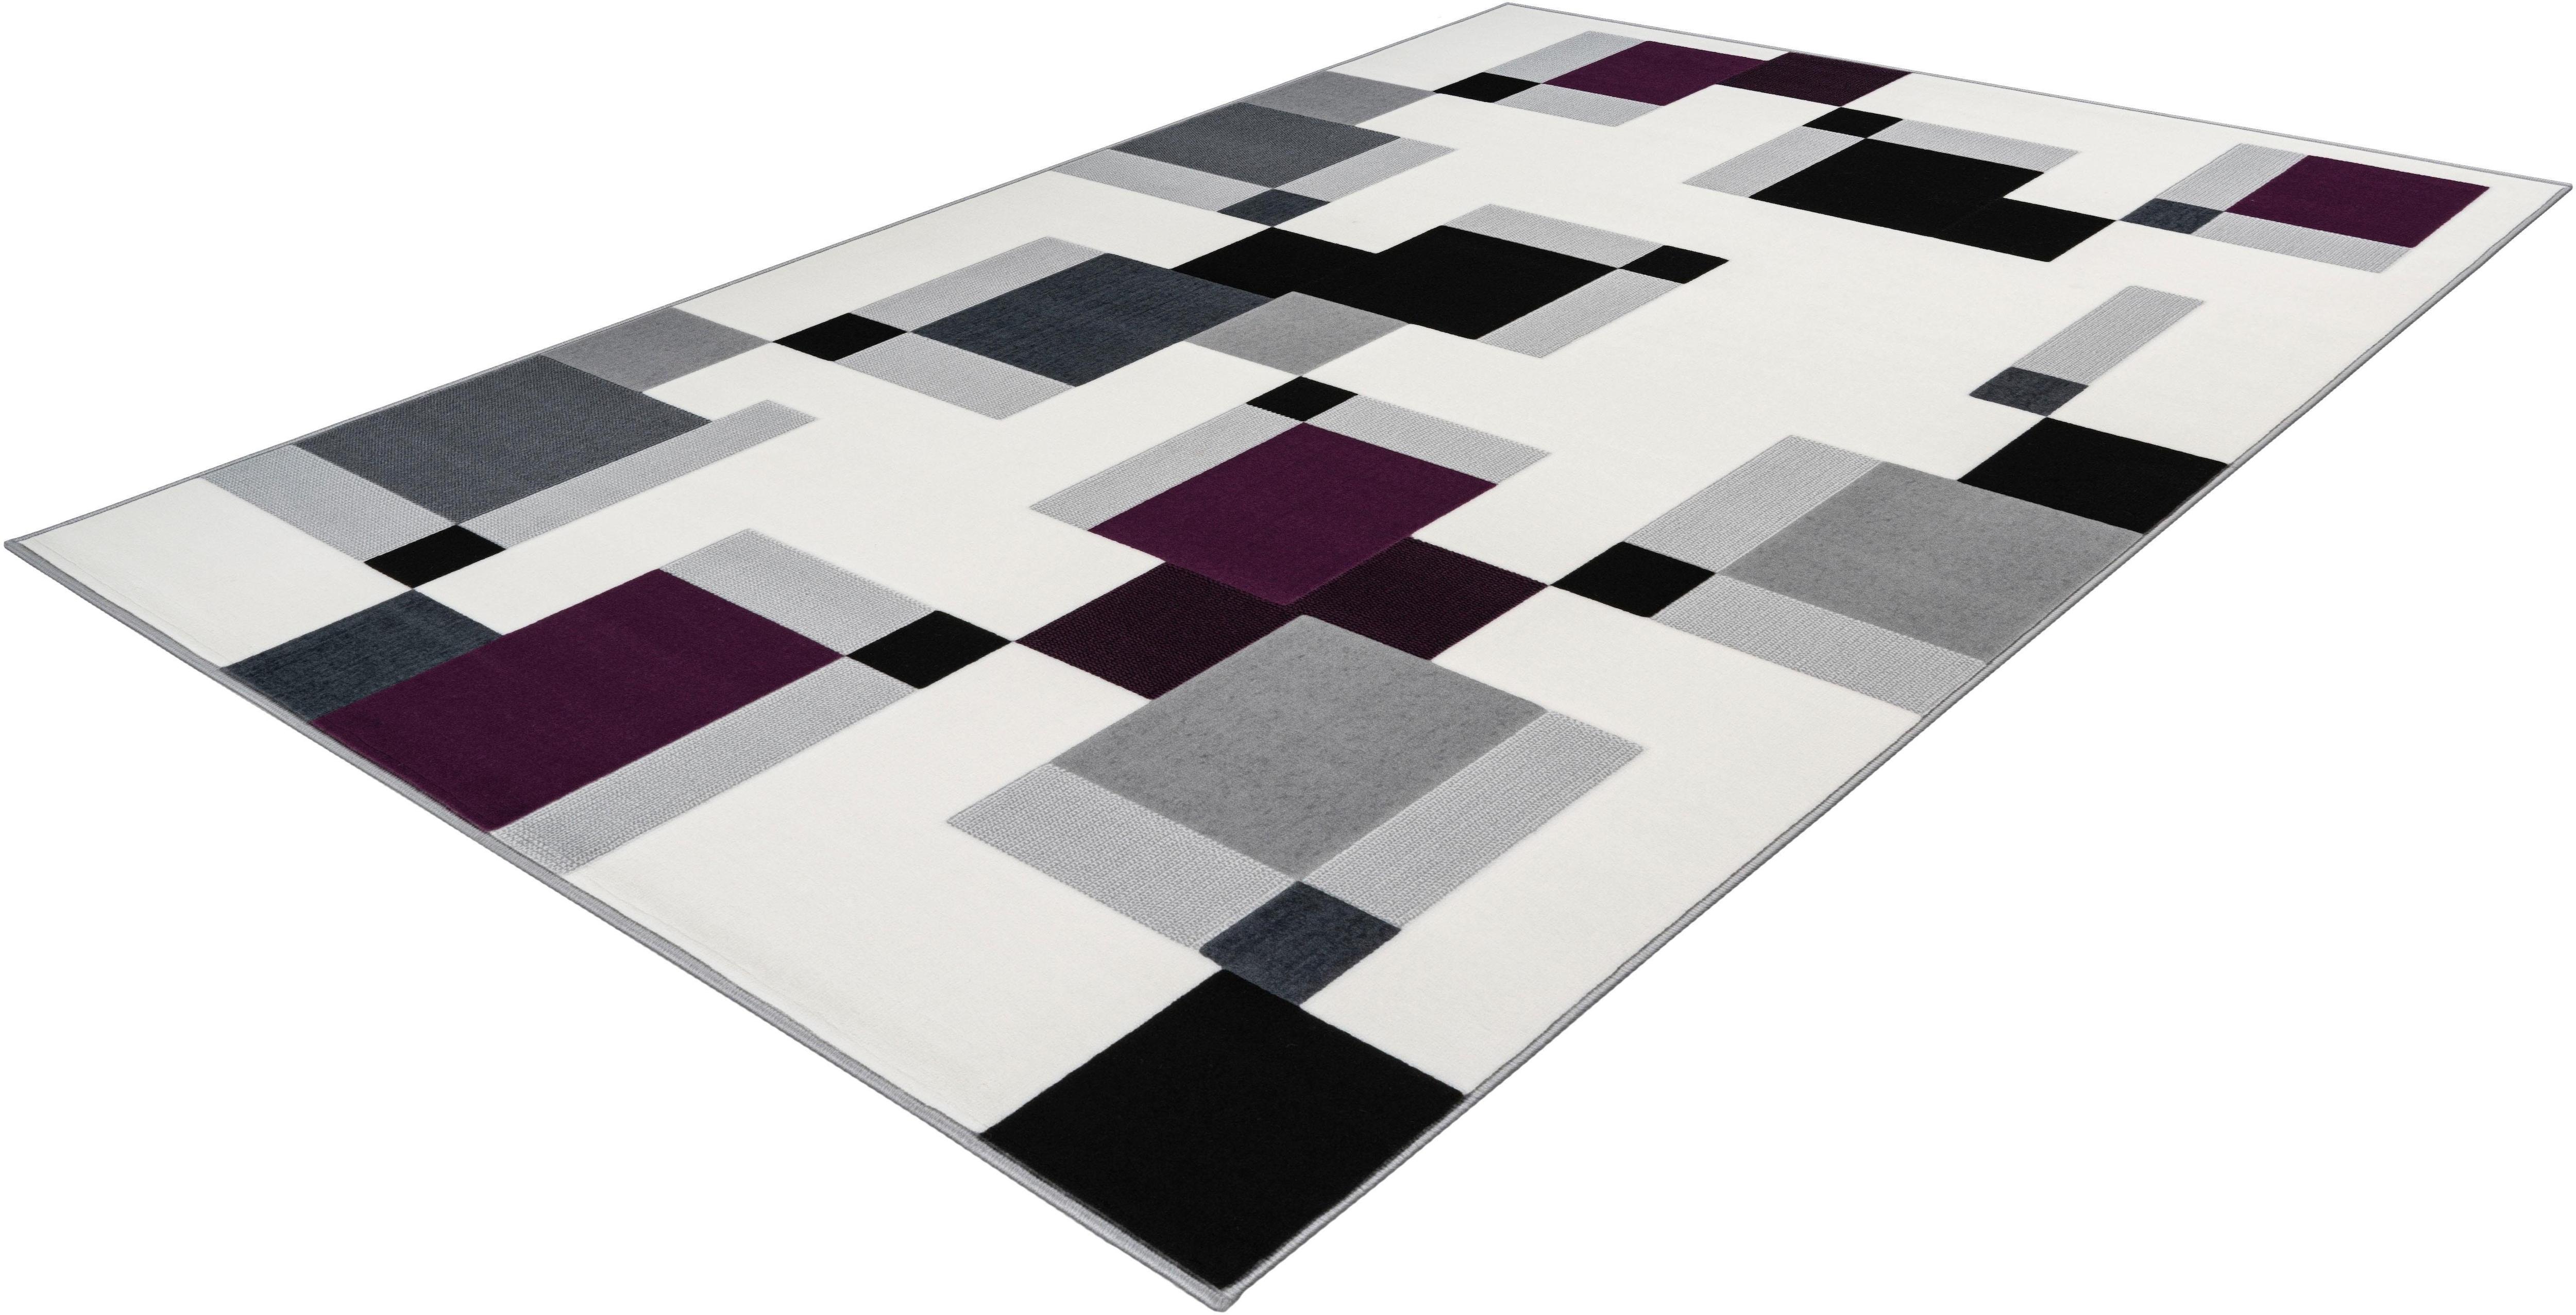 Teppich Lissy 325 calo-deluxe rechteckig Höhe 10 mm maschinell gewebt